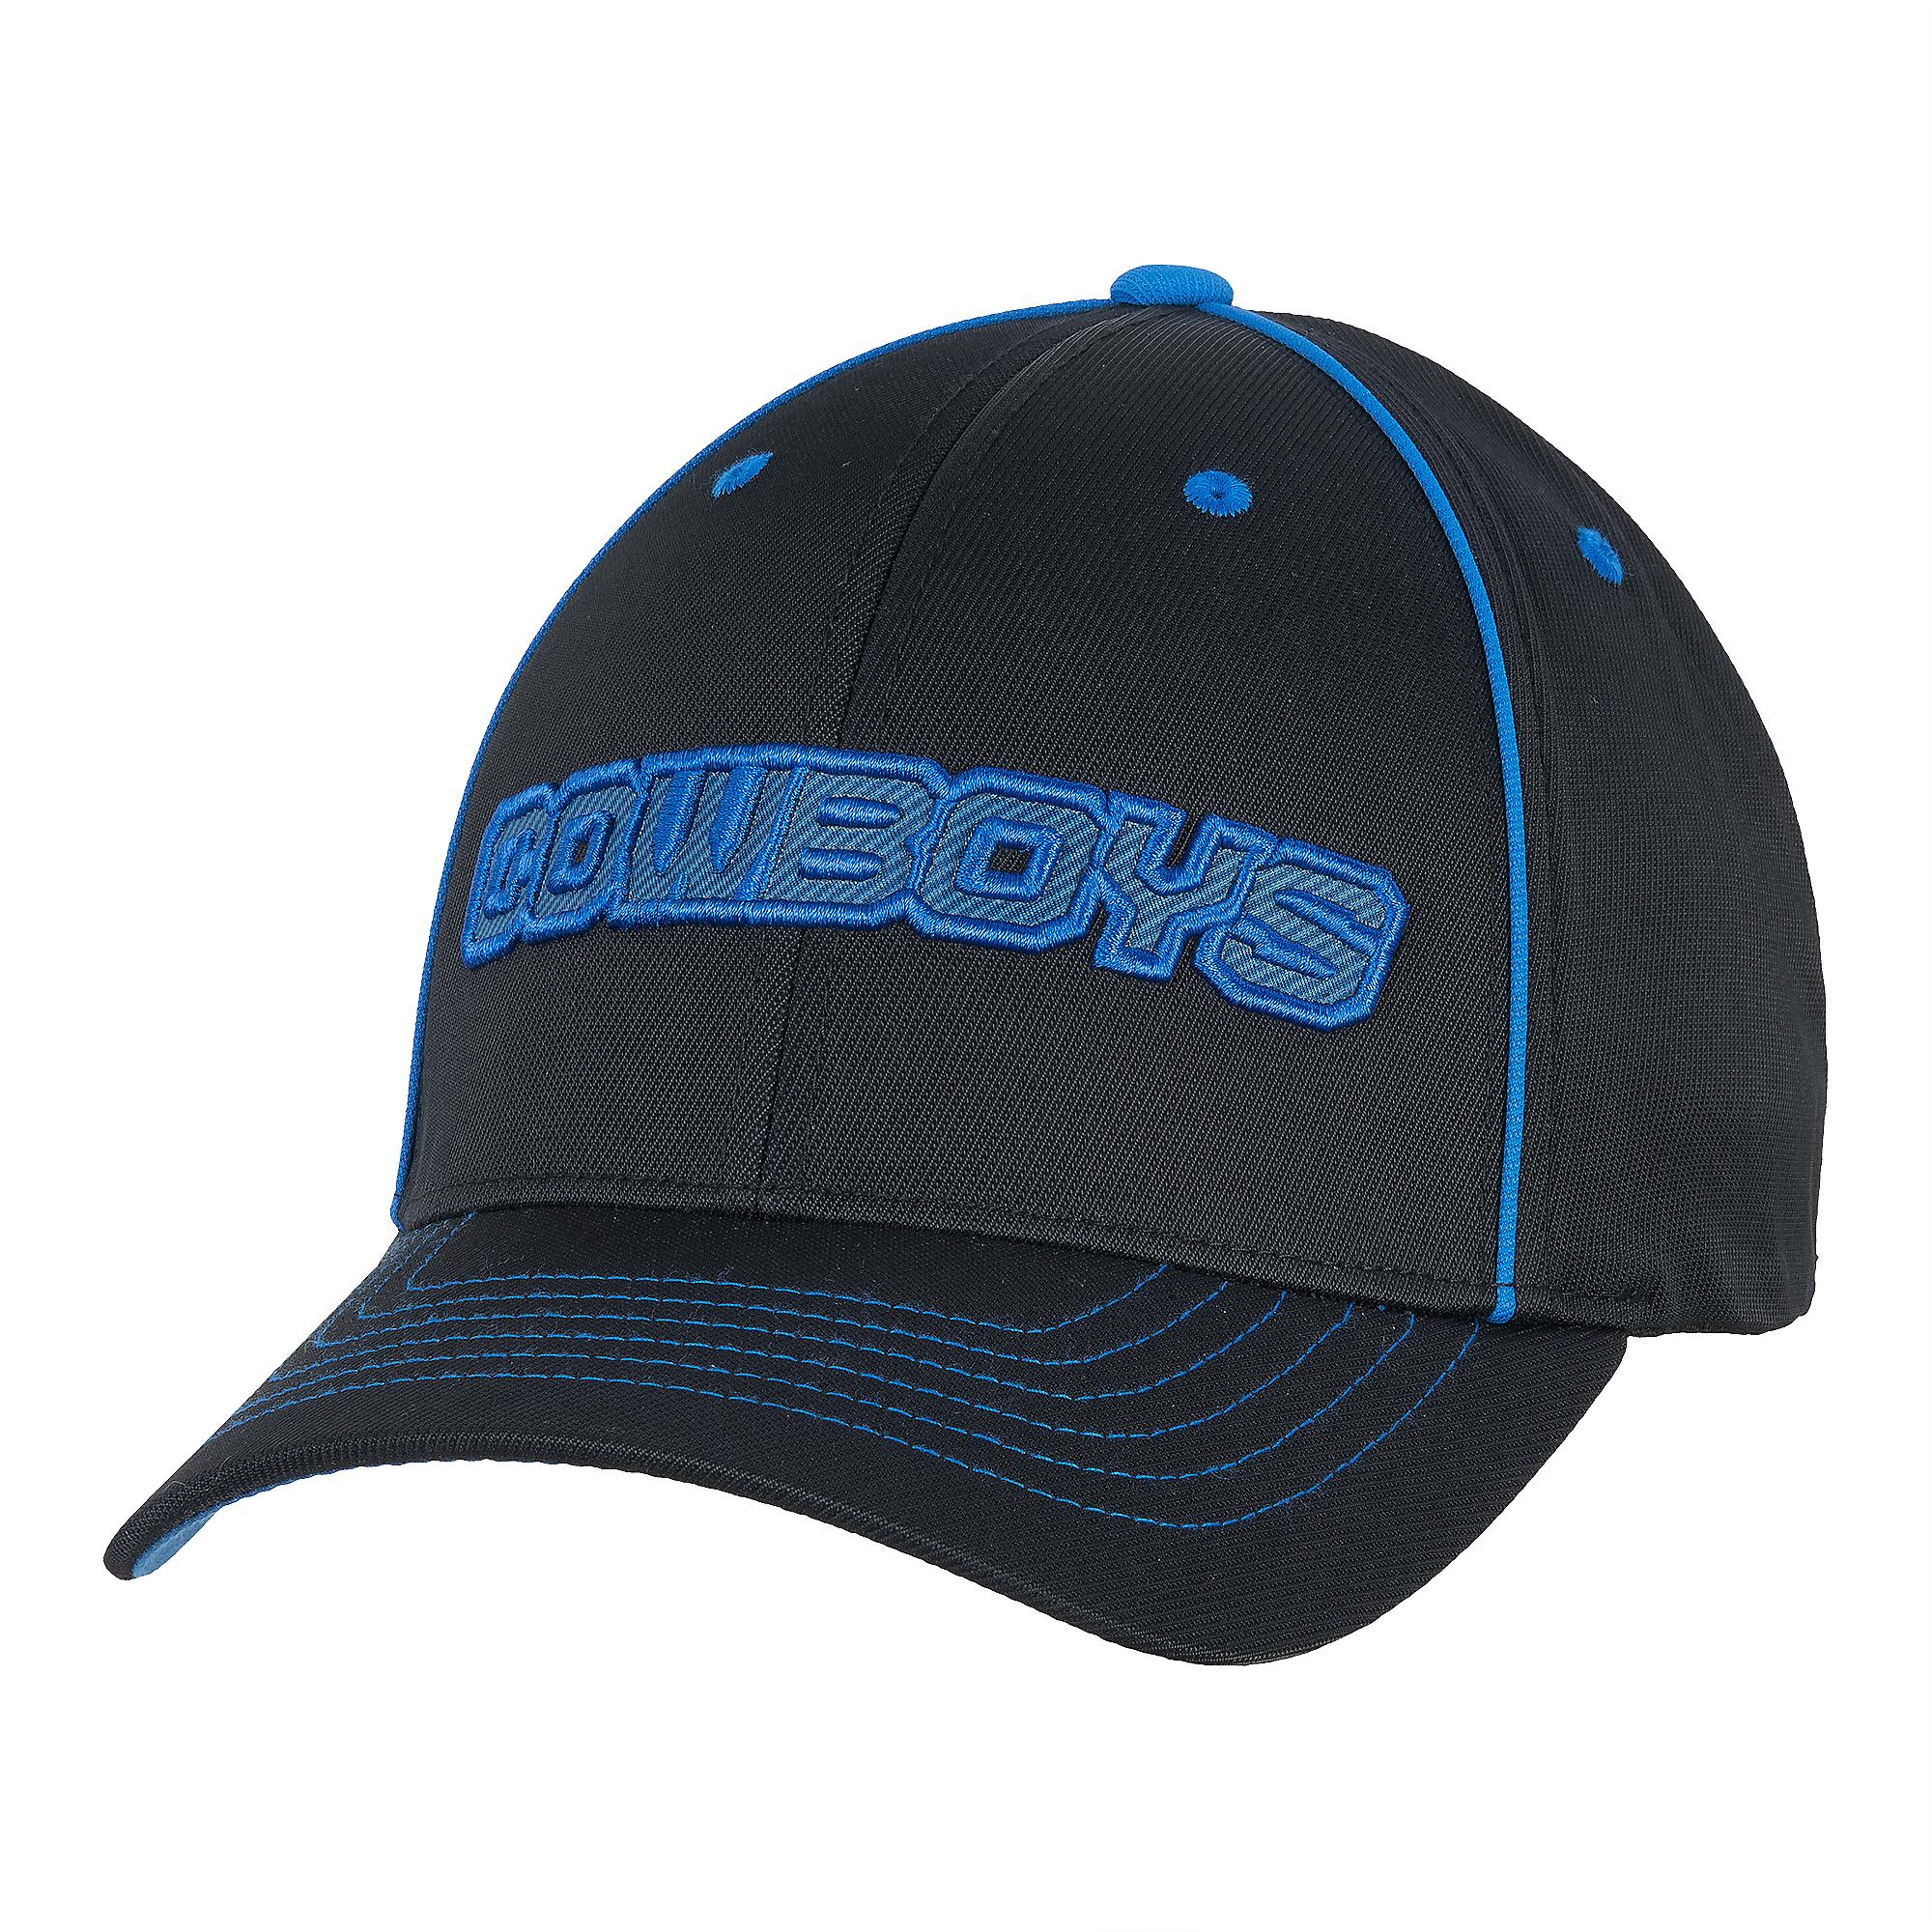 Dallas Cowboys Carbon Fiber Flex Fit Cap